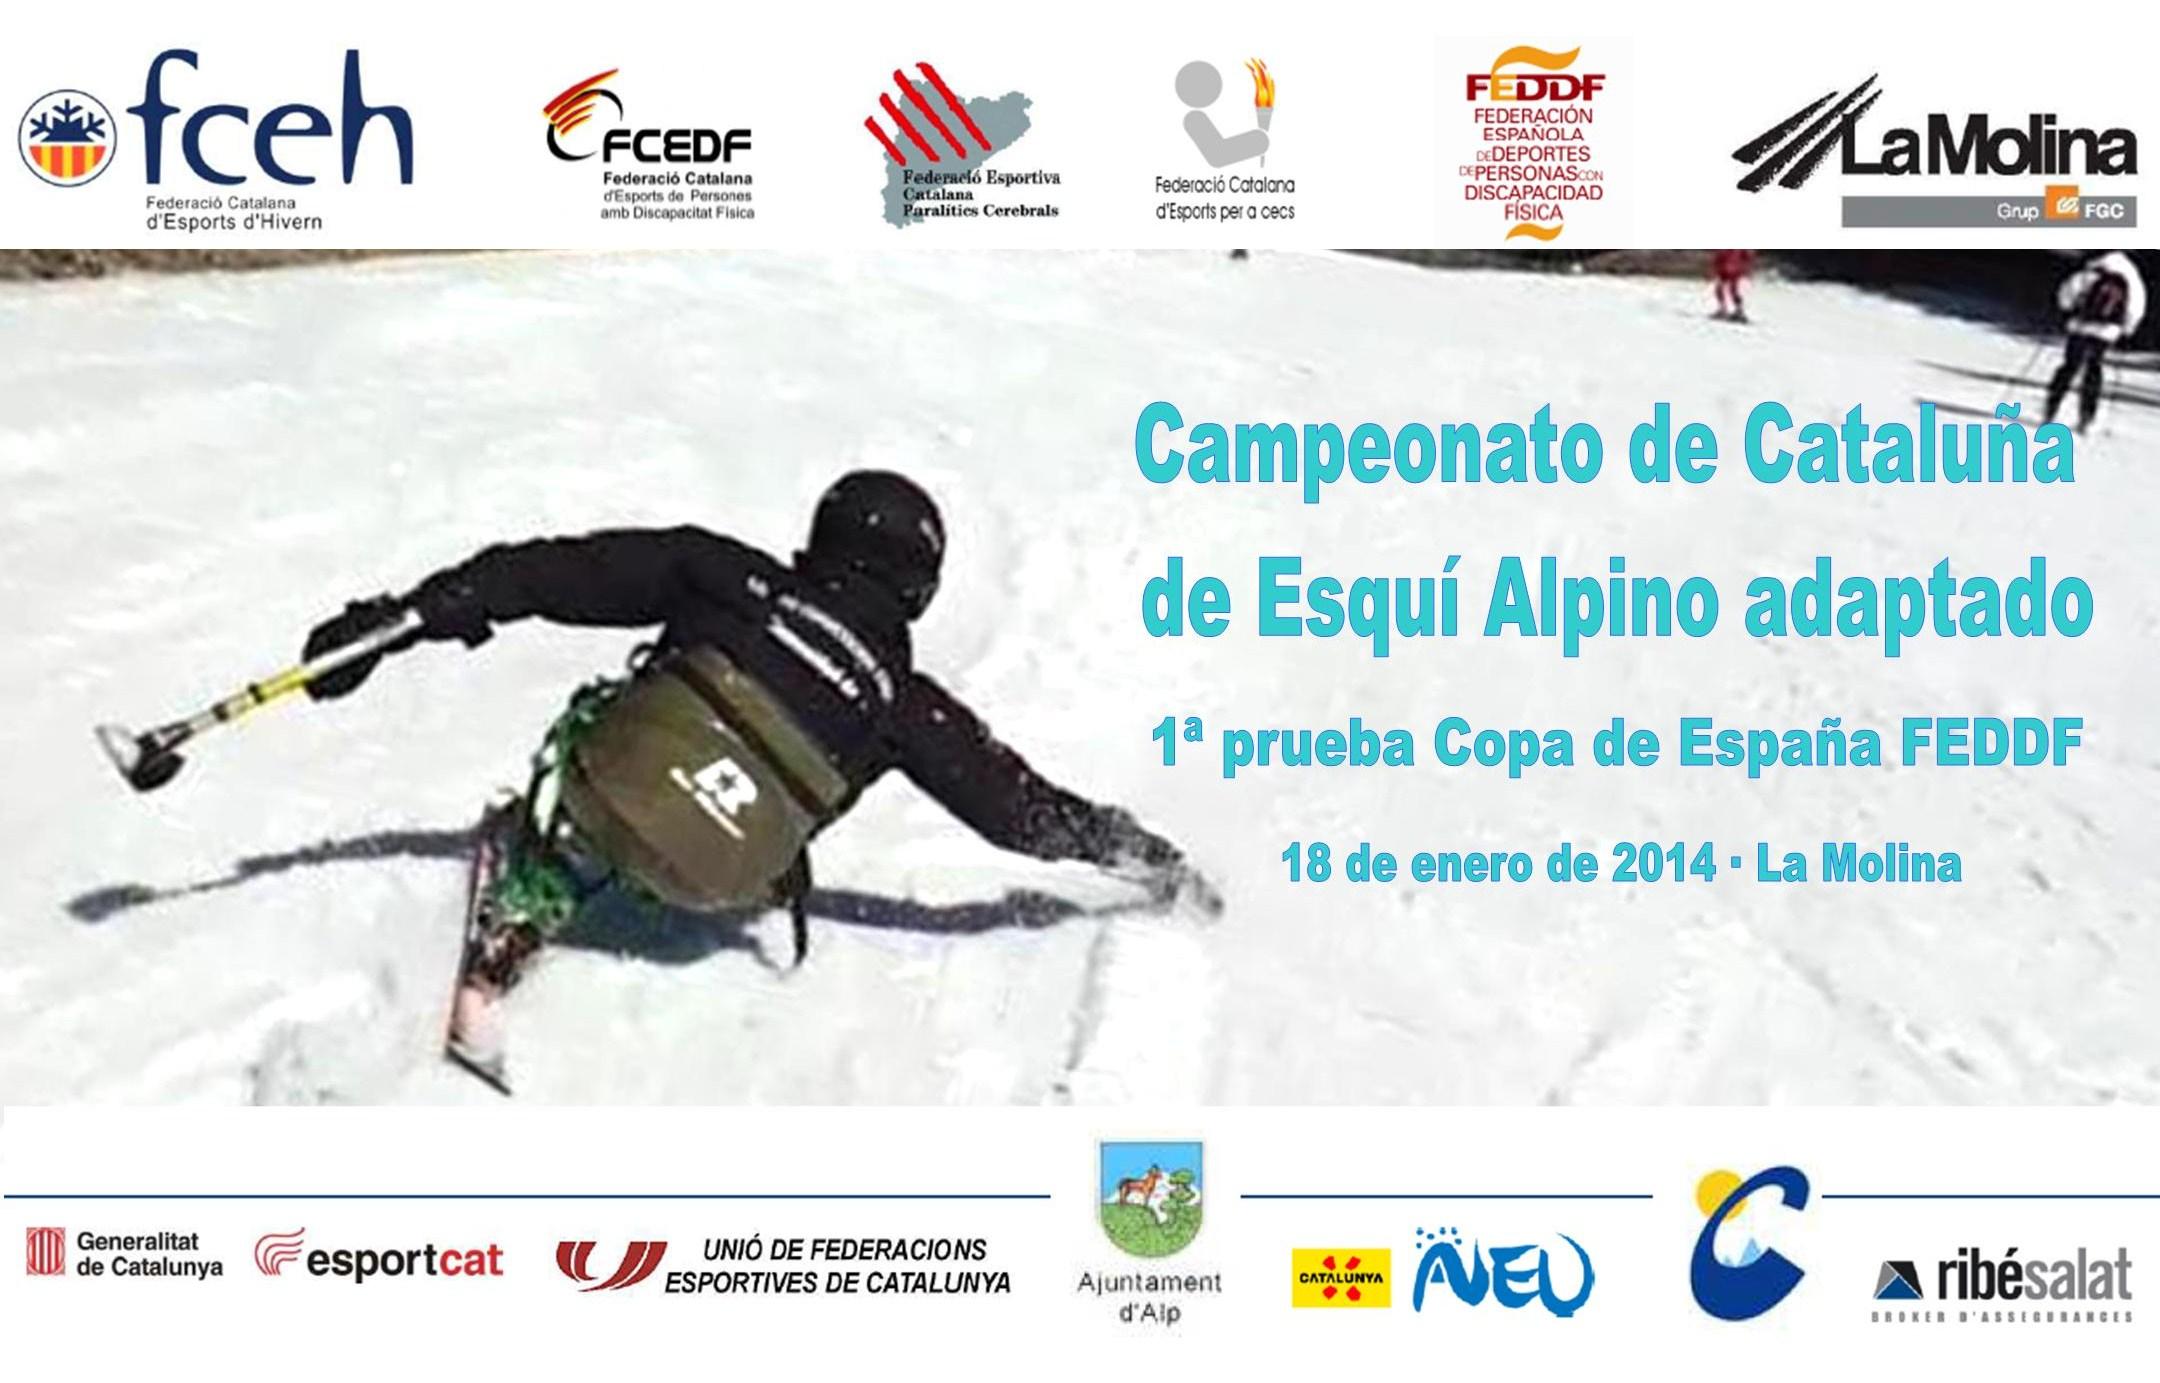 La Molina acogerá la 1ª prueba de la Copa de España de Esquí de la FEDDF el próximo 18 de enero